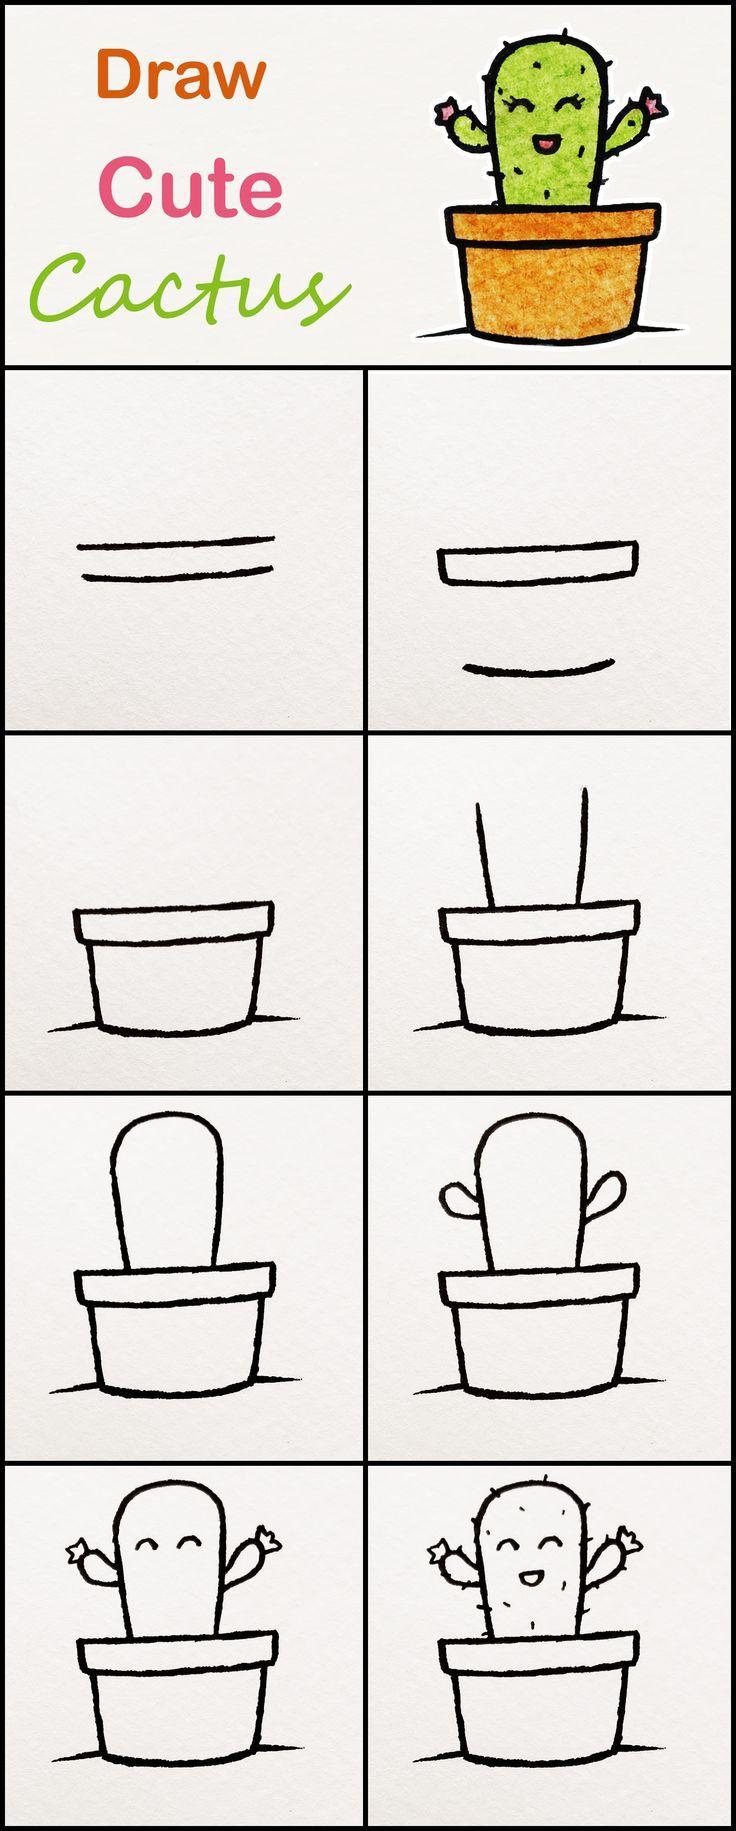 Lerne Schritt für Schritt, wie man einen süßen Kaktus zeichnet ♥ sehr einfaches Tutorial #kaktus #Zeichnungen #kawaii #tut ... #pencildrawingtutorials